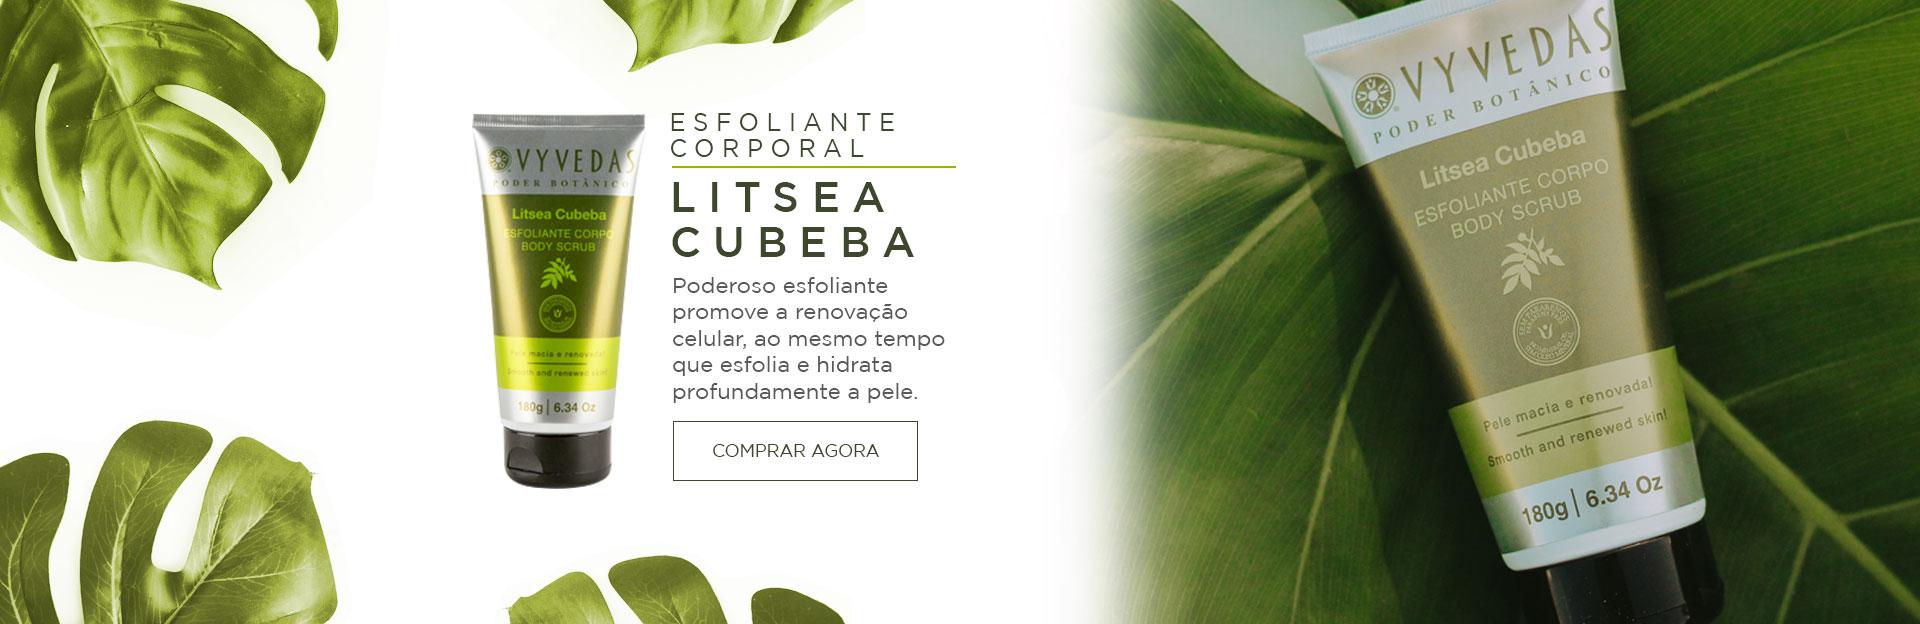 Banner Esfoliante Litsea